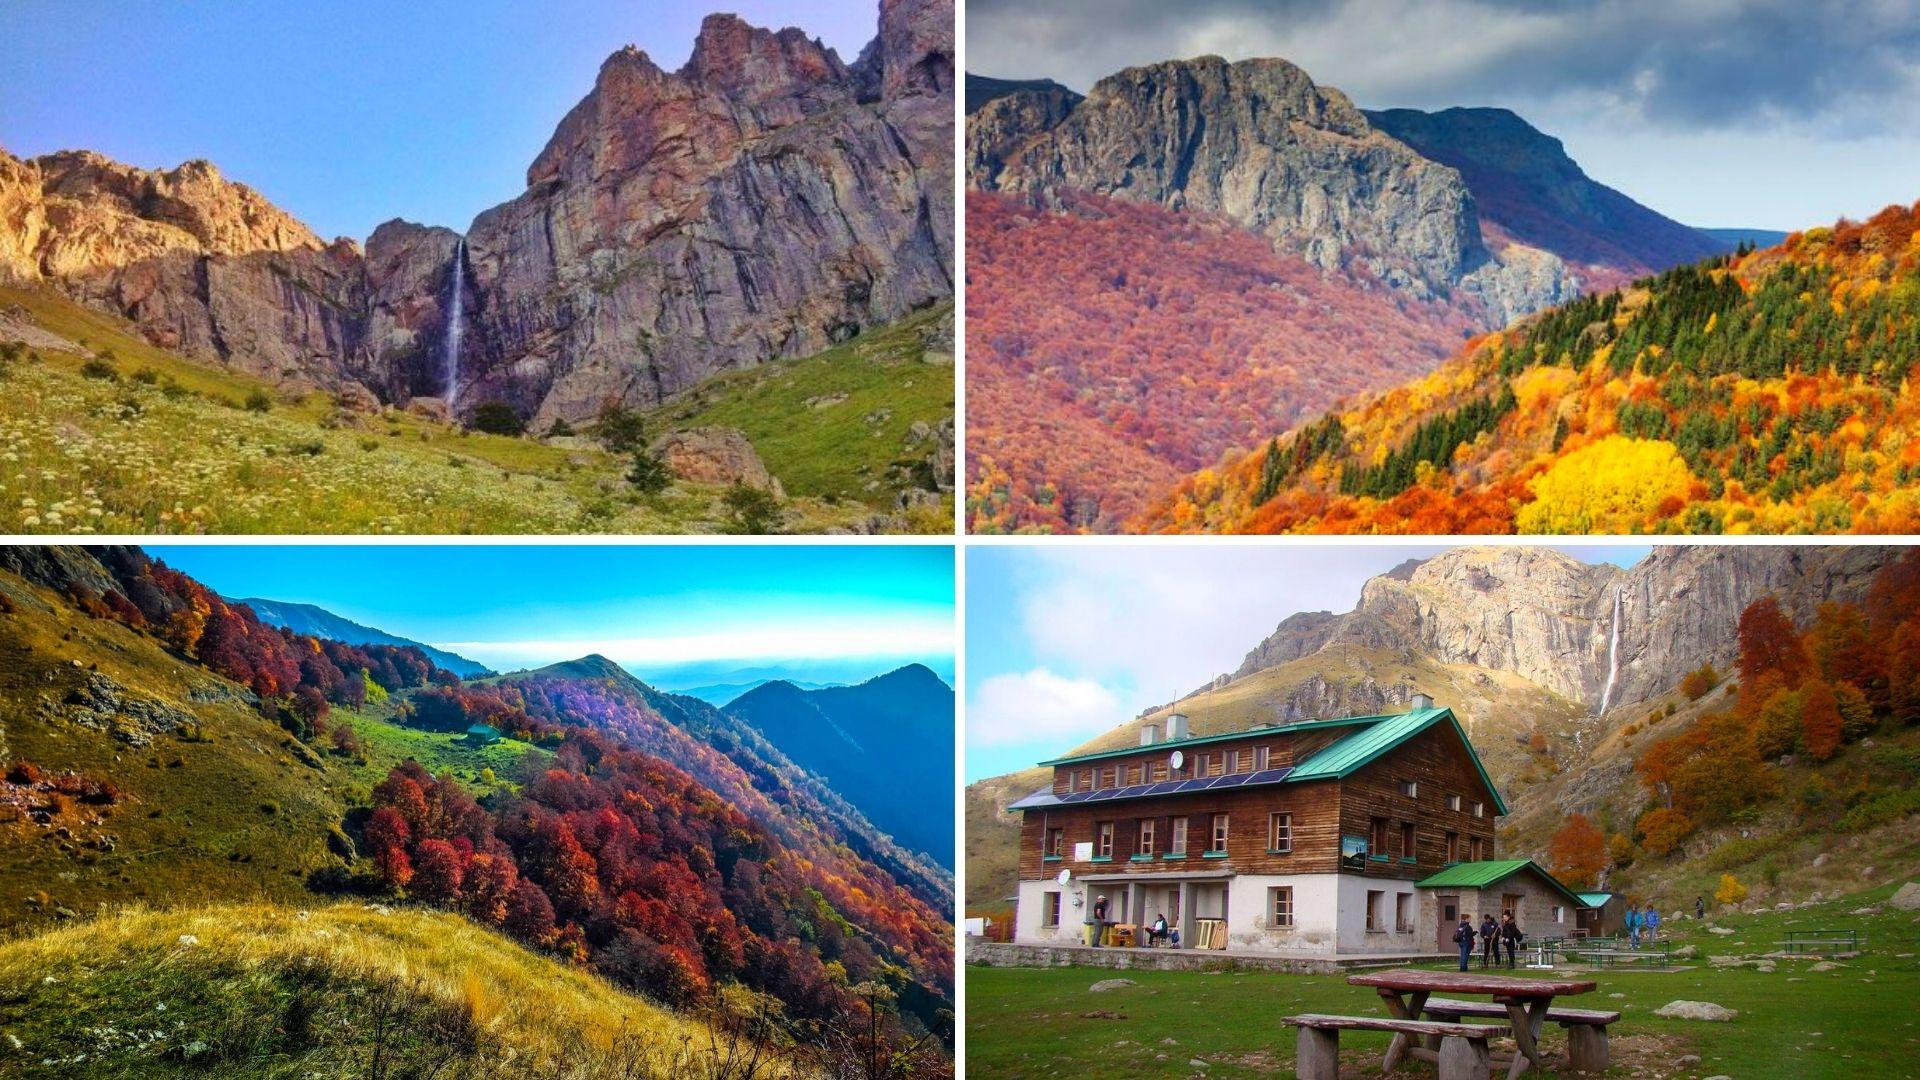 РАЙското пръскало, връх Ботев и красотата на Балкана